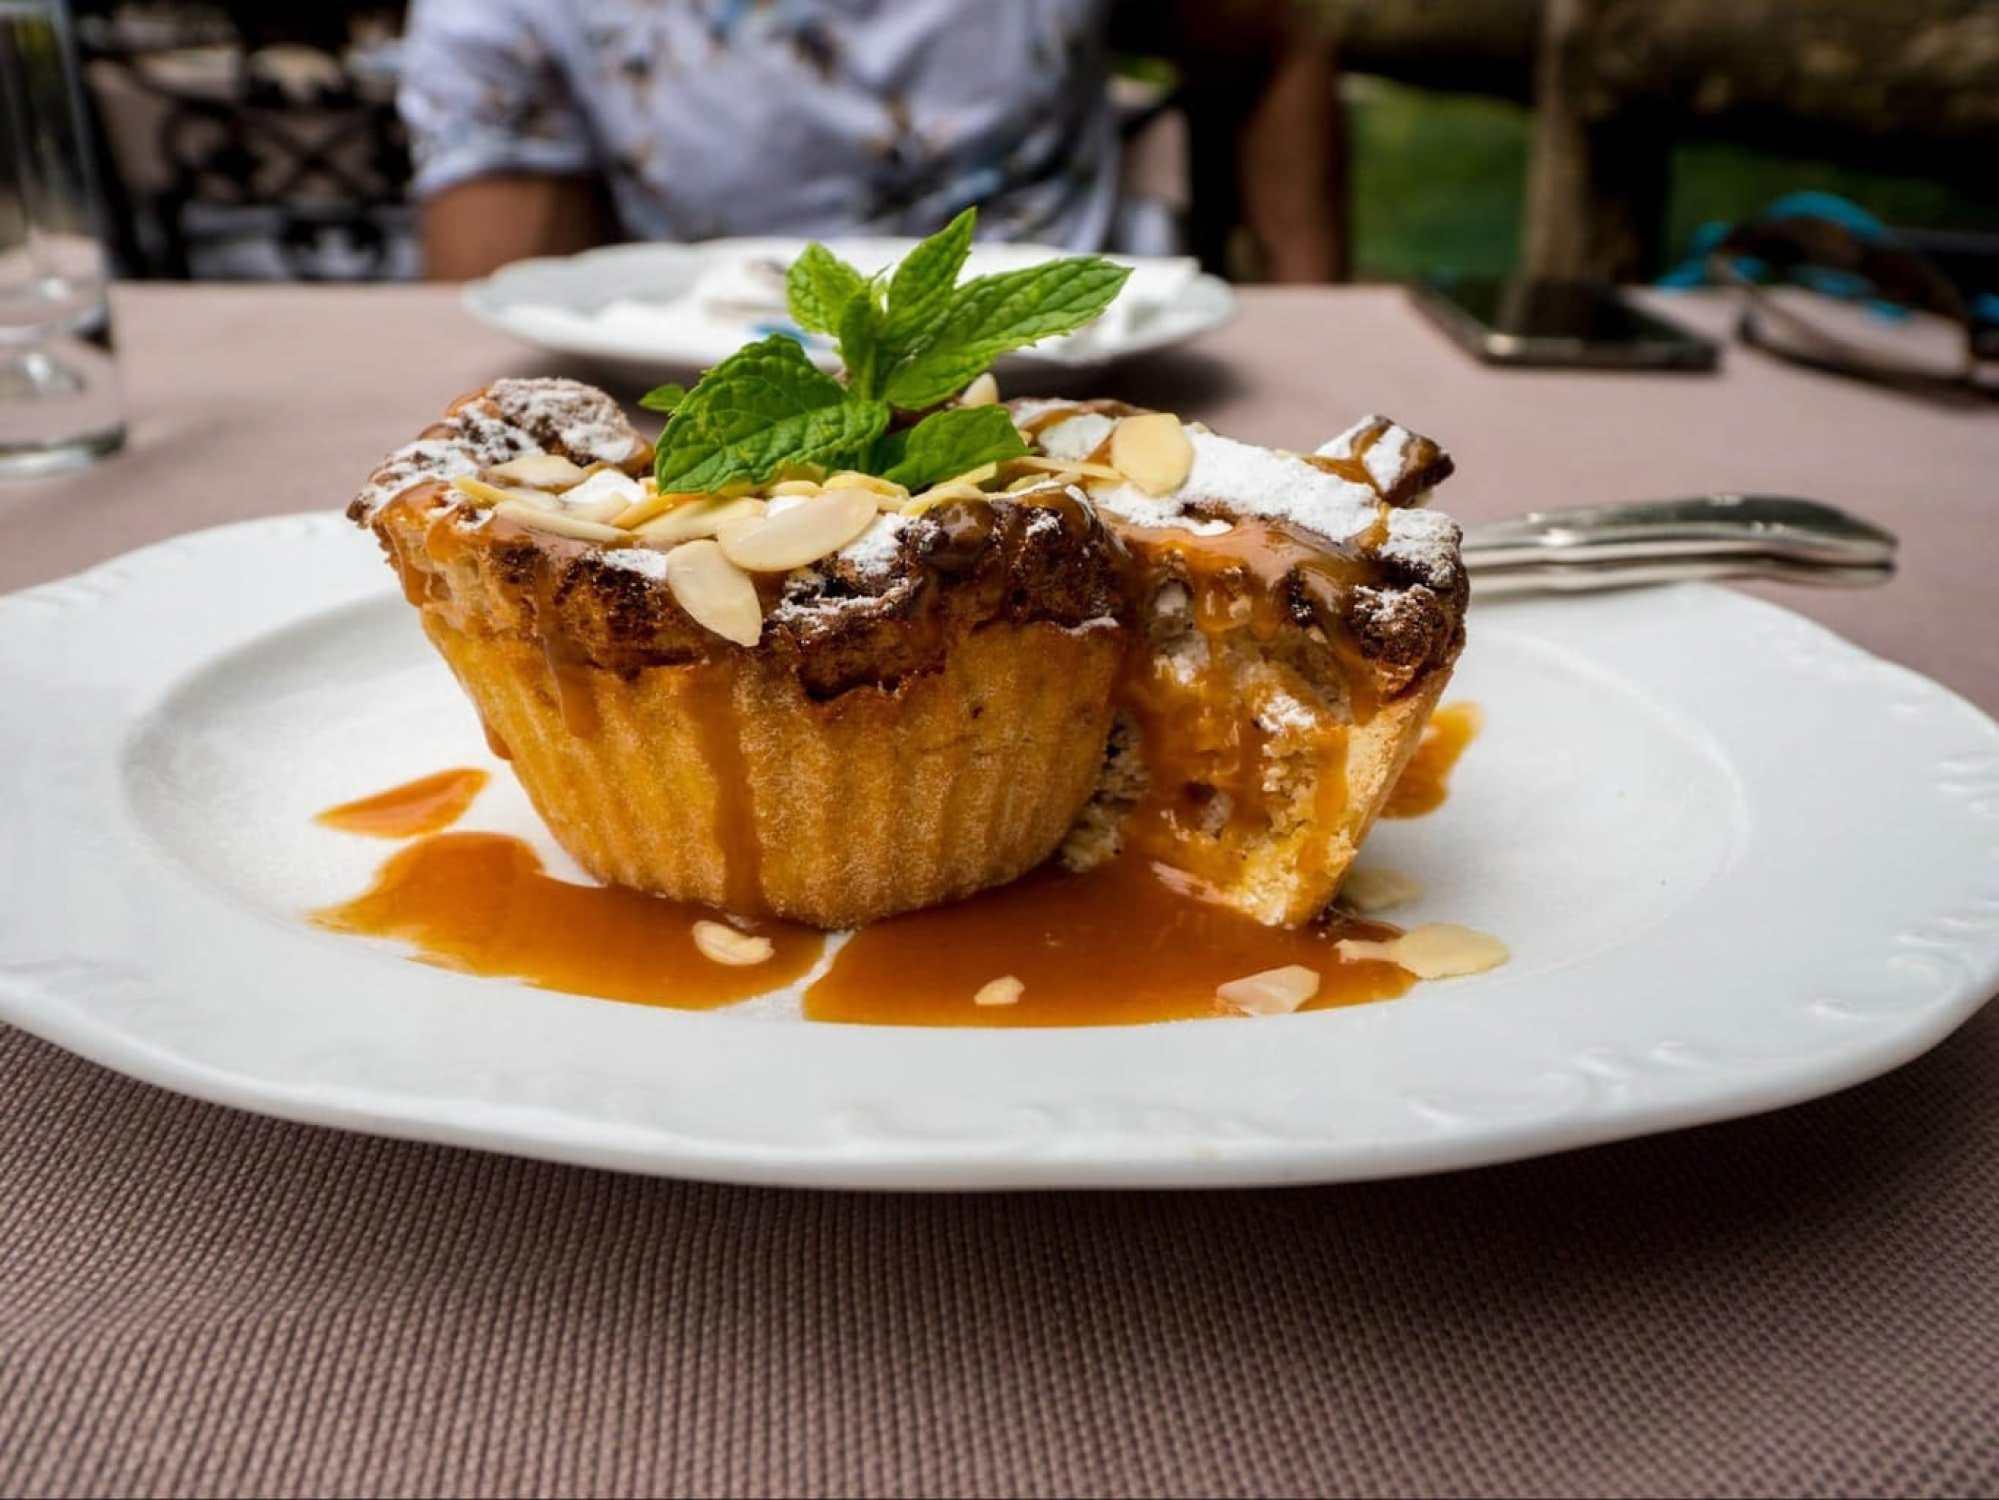 Montenegrin cake